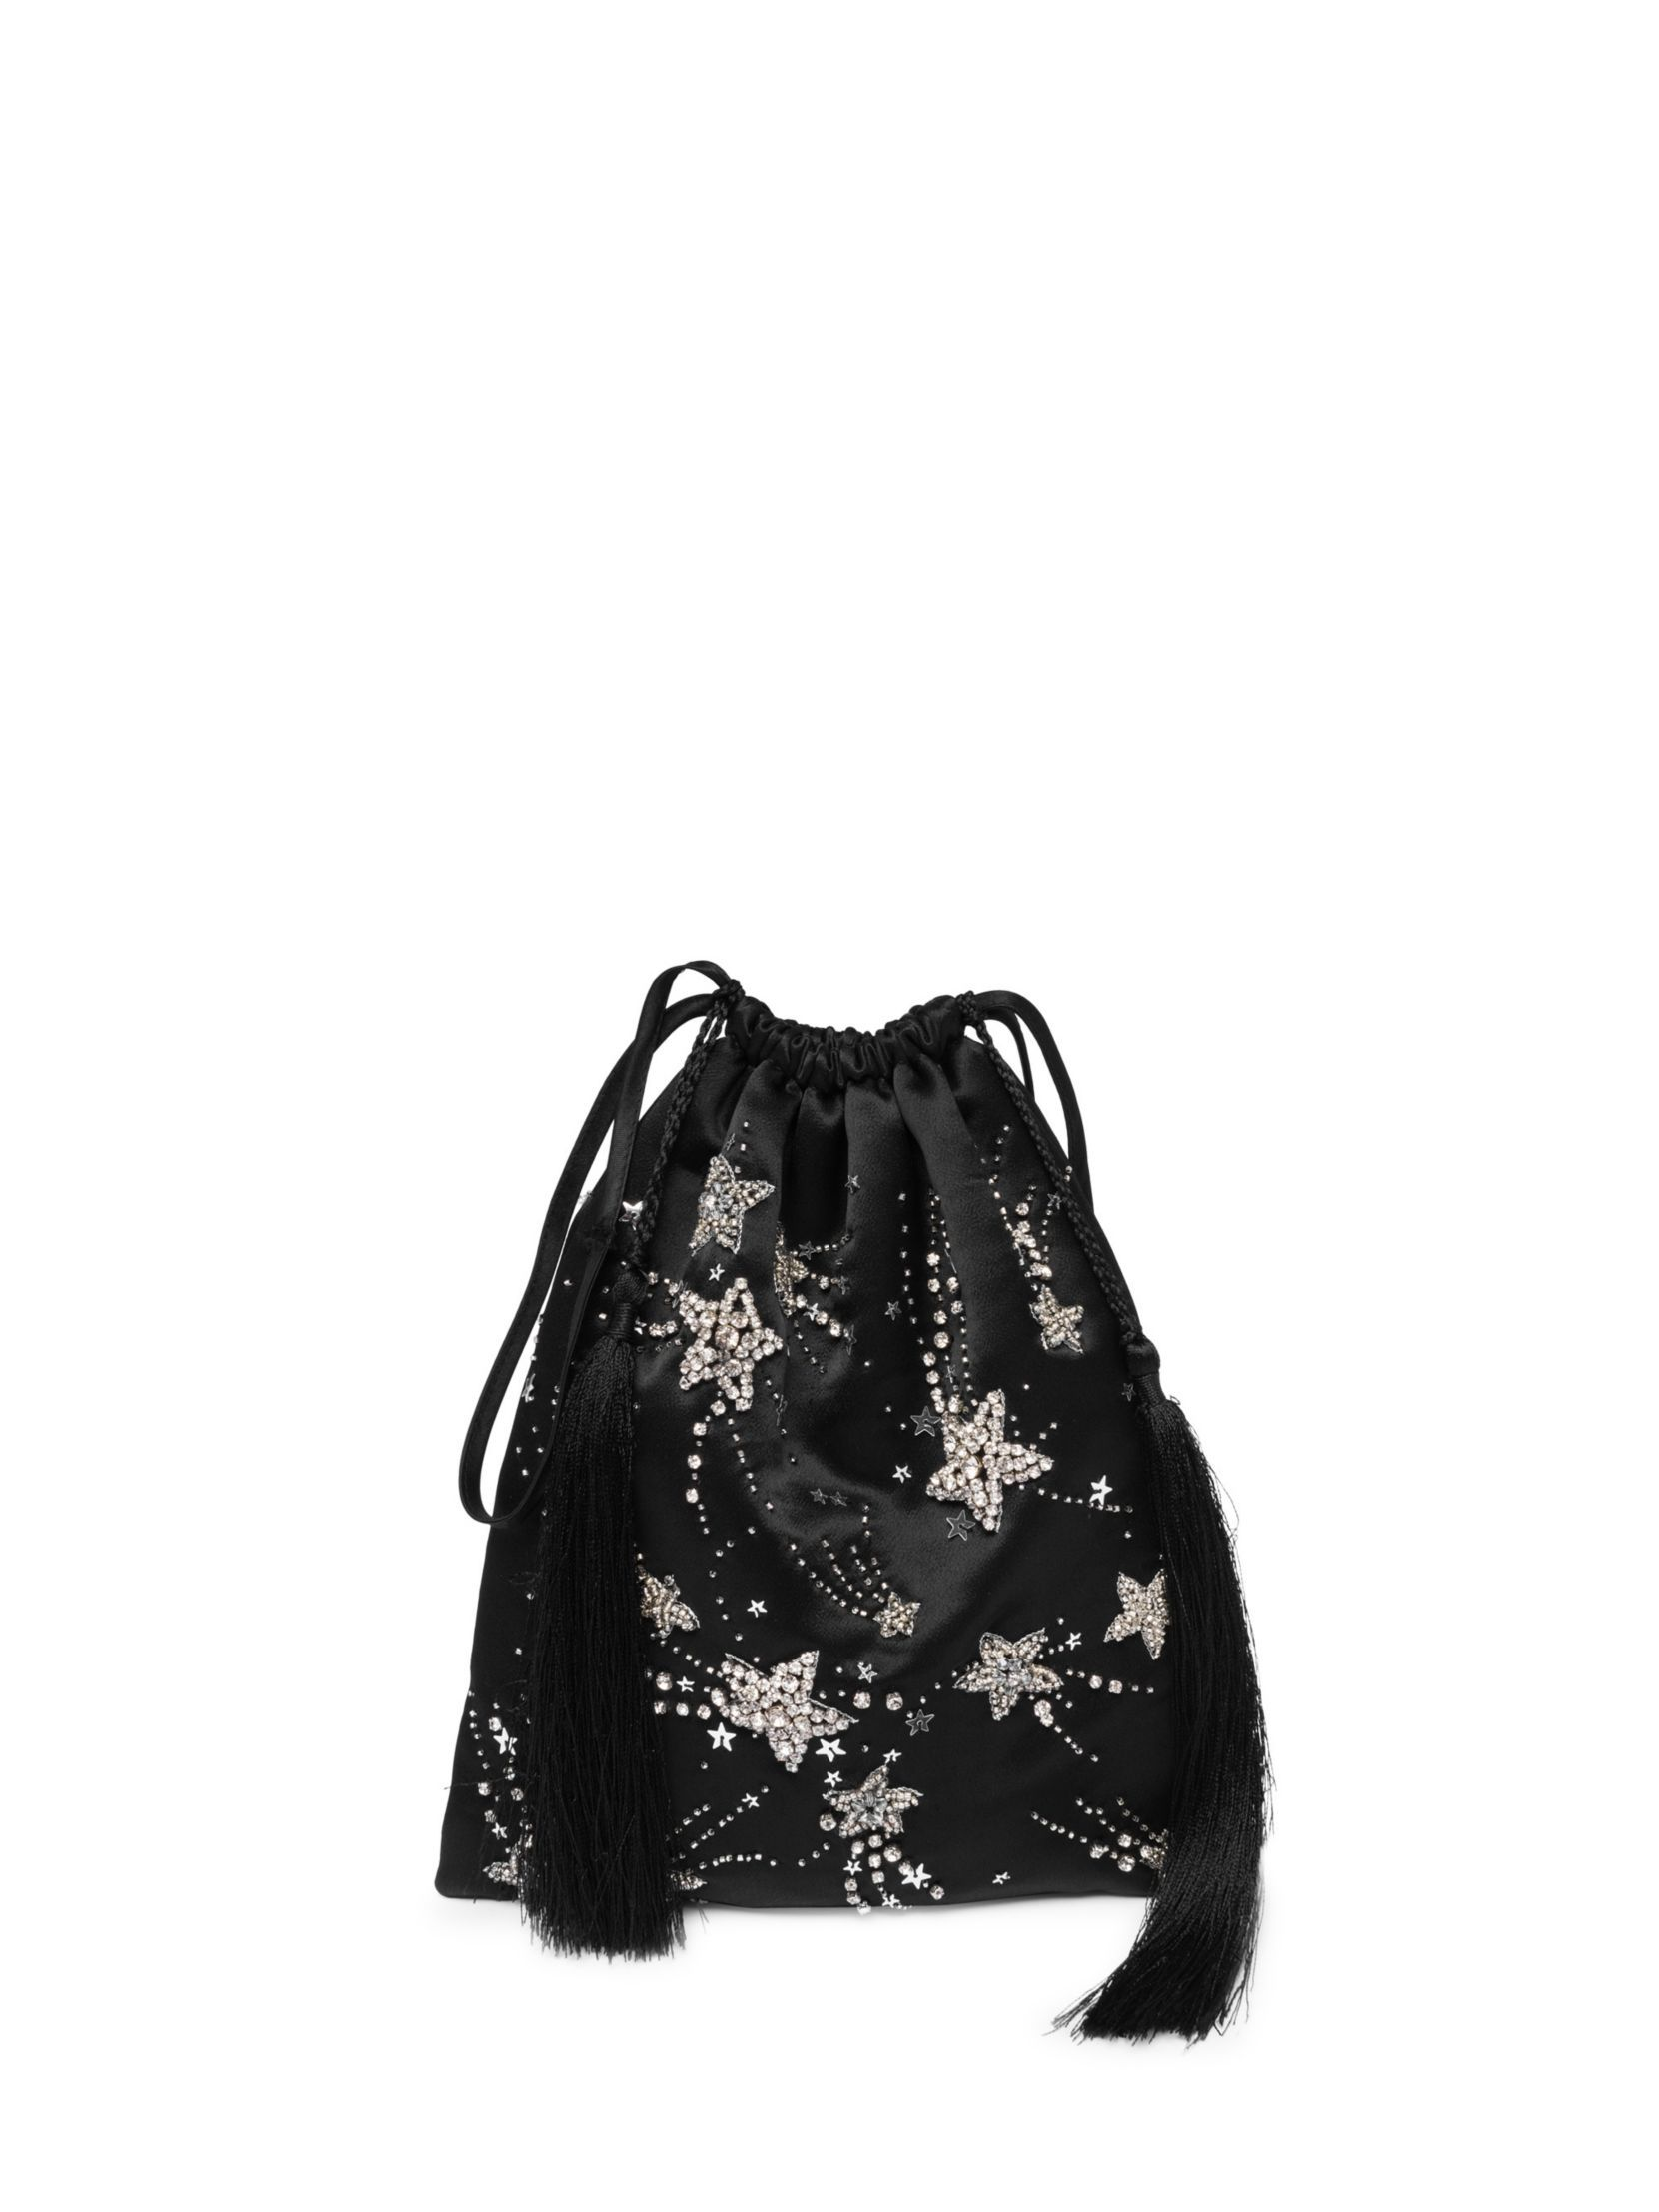 c64f2475786c Attico Sequin Star Satin Pouch Bag